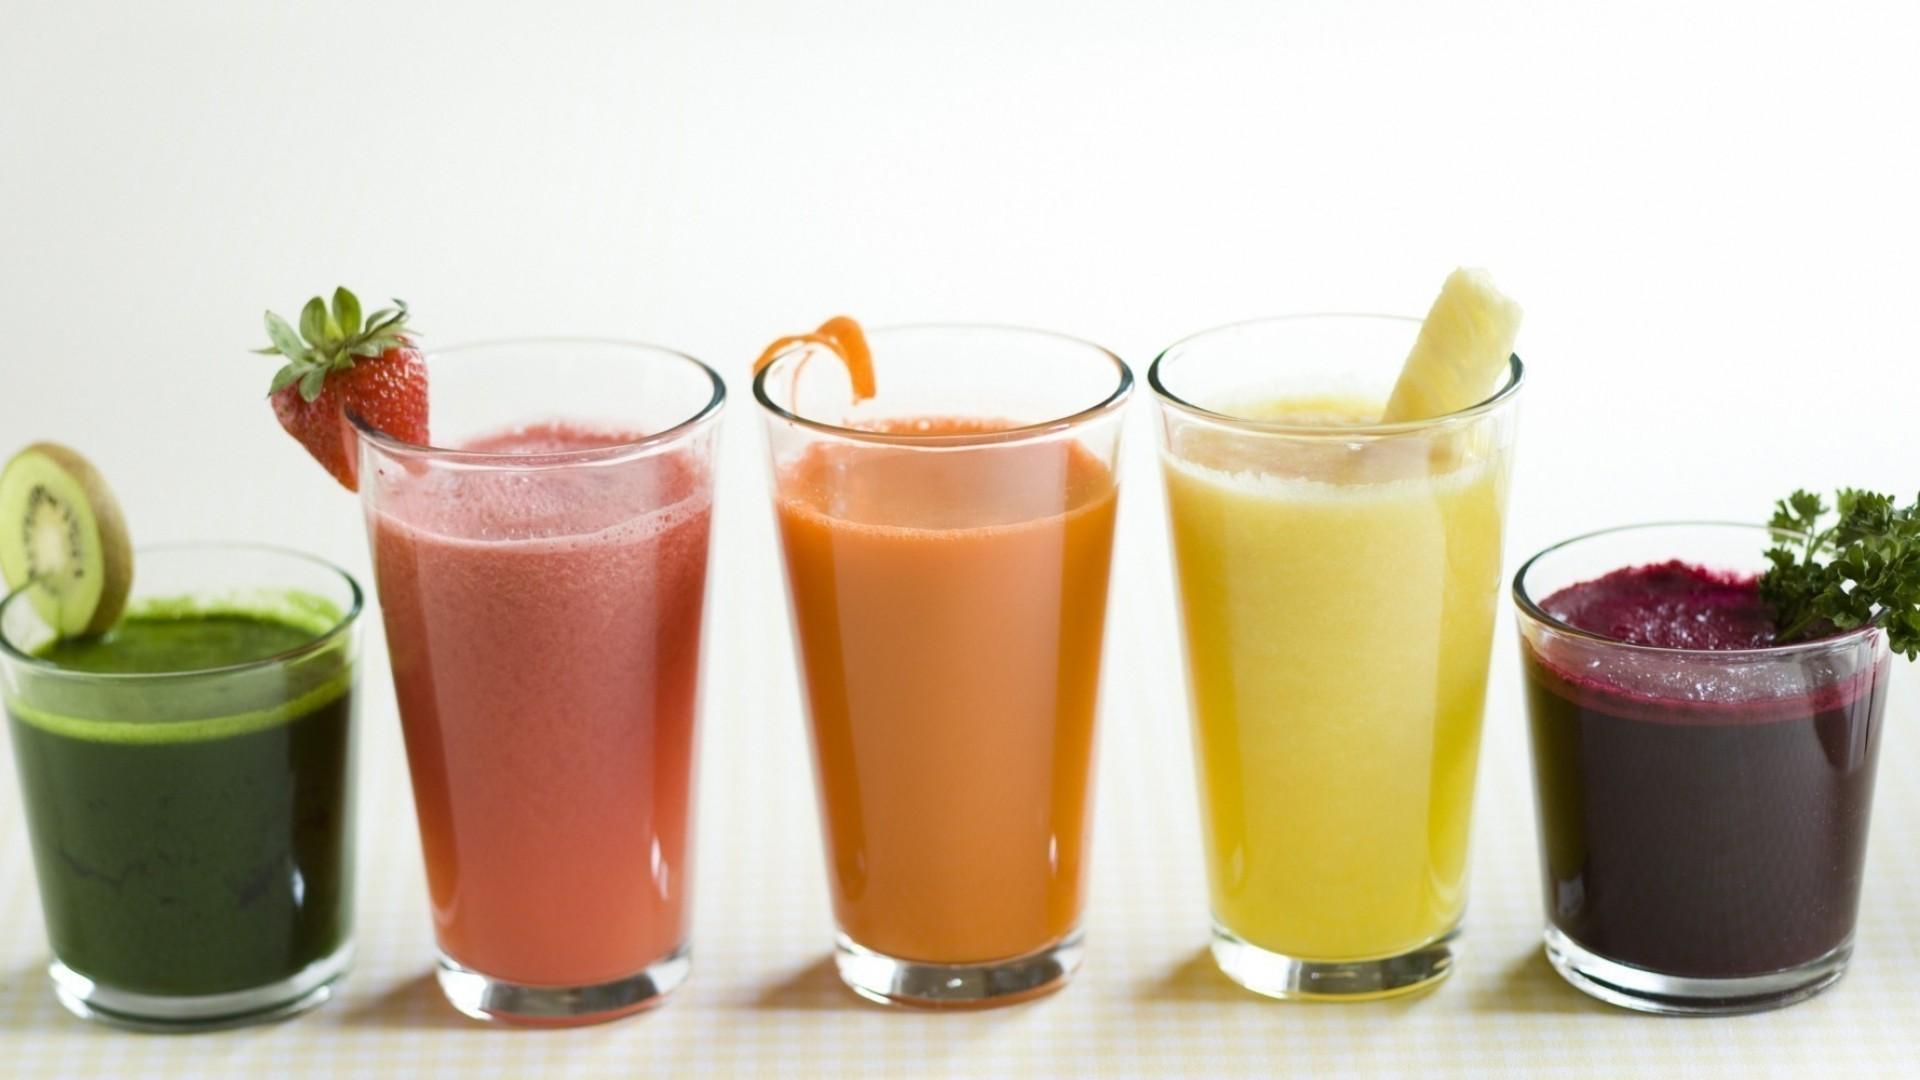 5 вкусных безалкогольных напитков к новогоднему столу